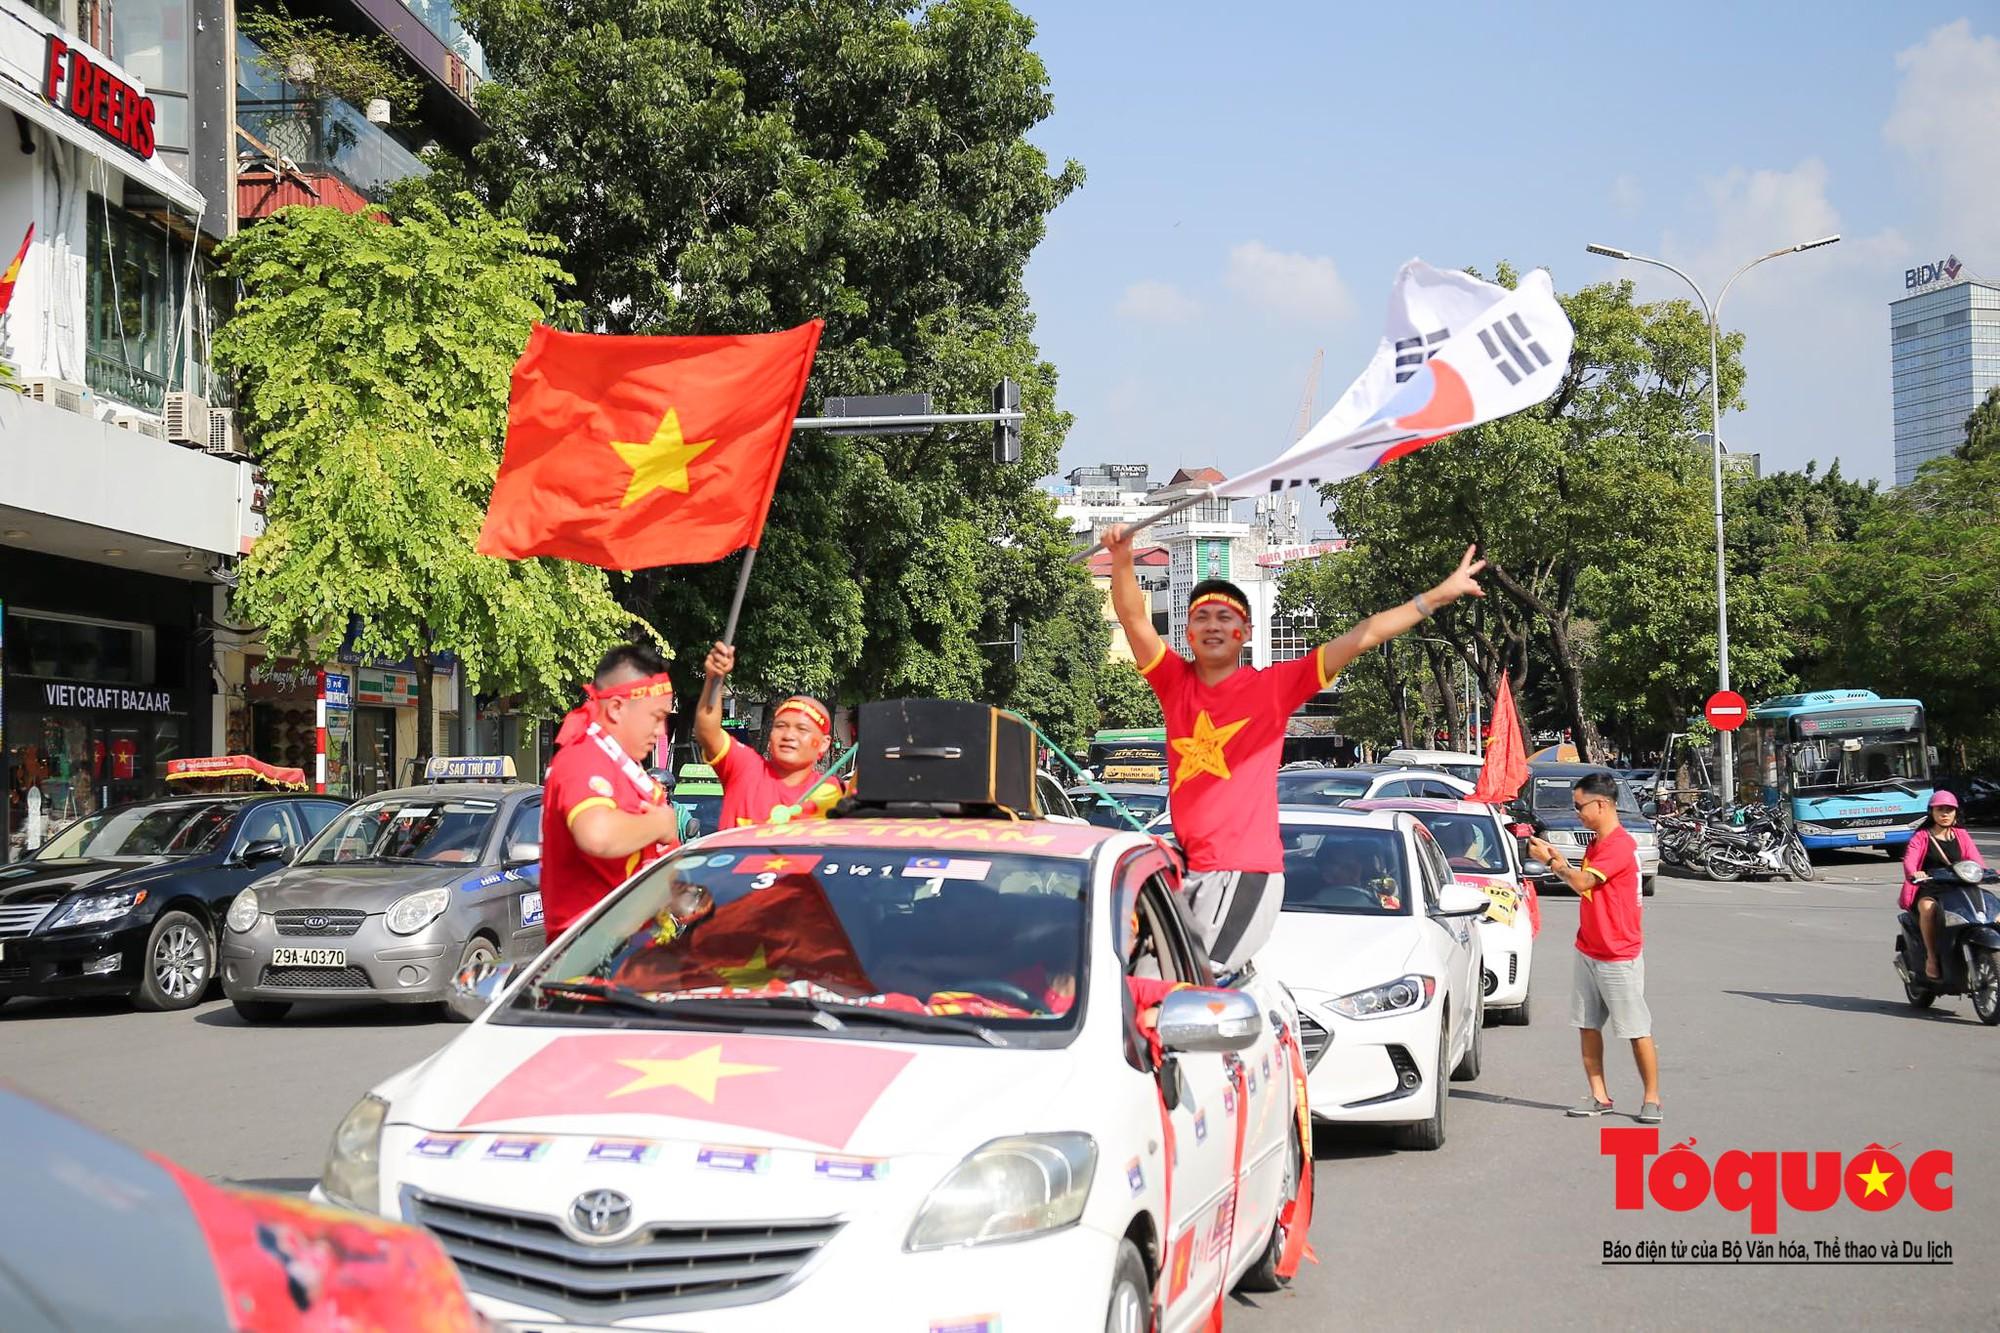 Hàng nghìn CĐV diễu hành qua nhiều tuyến phố Thủ đô tiếp lửa cho các cầu thủ Việt Nam6